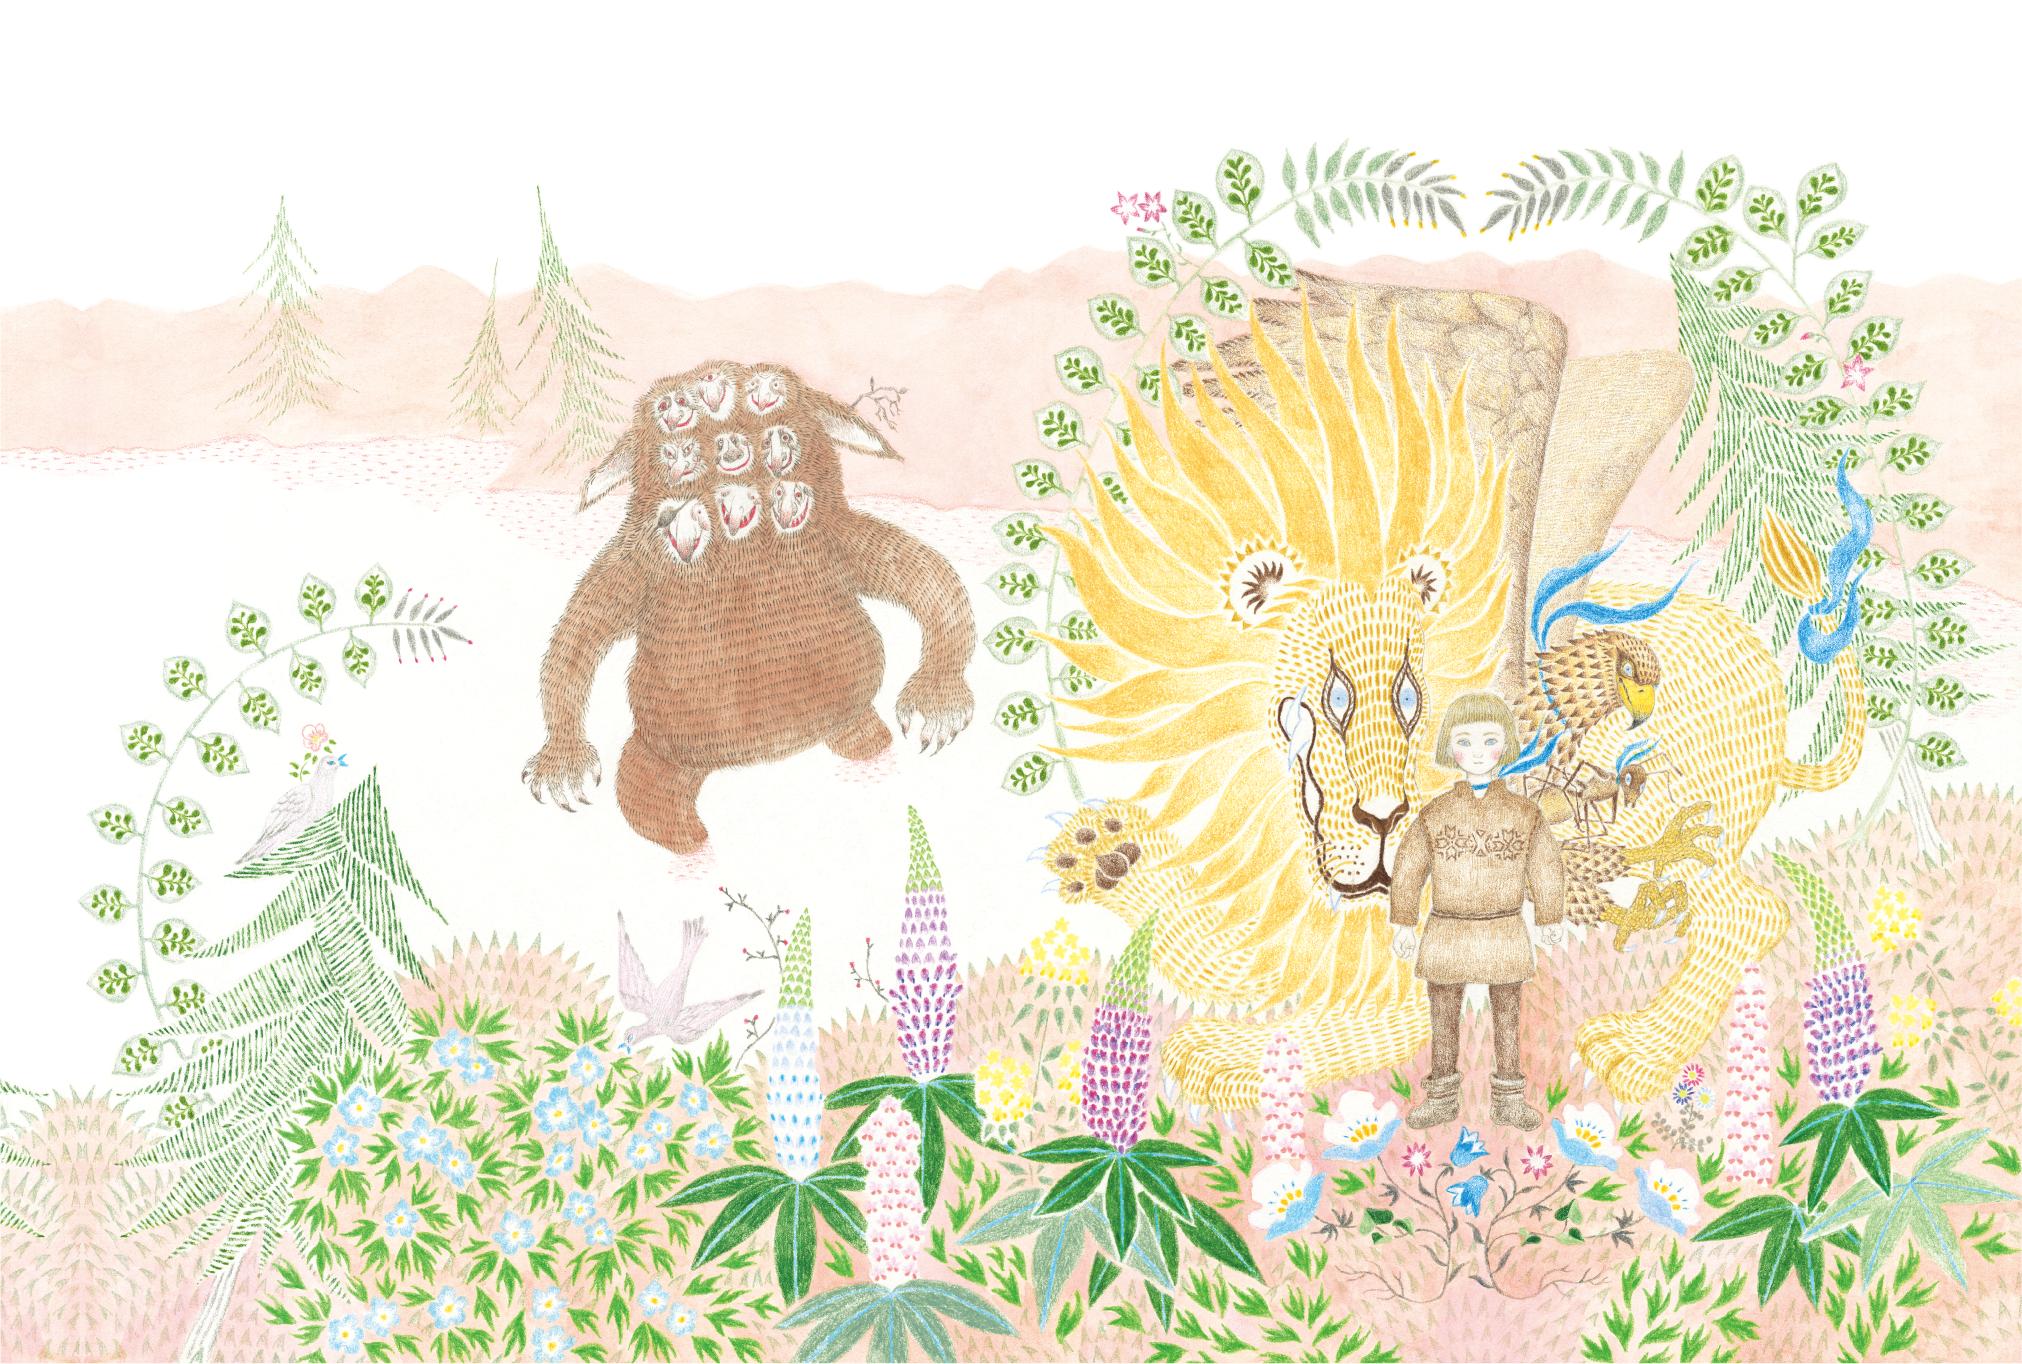 2020年2月15日(土)〜2月24日(月)MARUU個展『ライオンとタカとアリになった男の子』